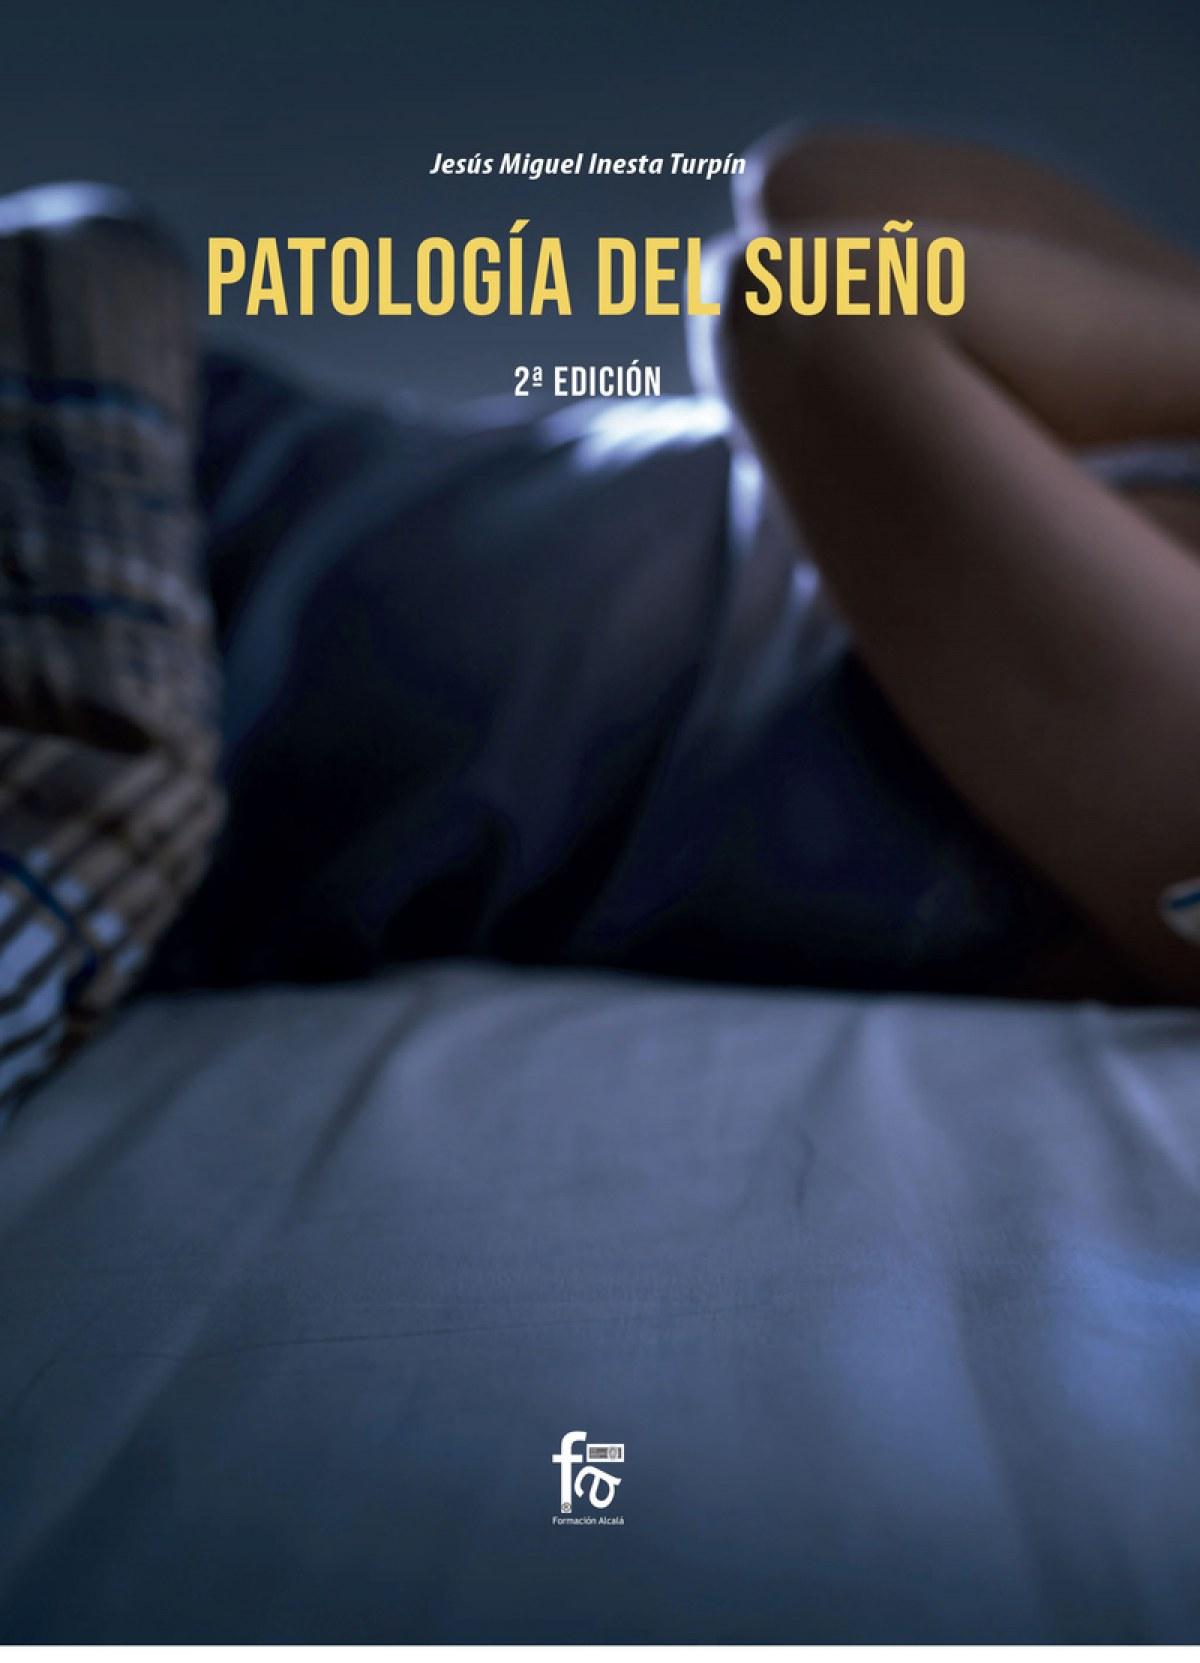 PATOLOGÍA DEL SUEÑO-2º EDICIÓN